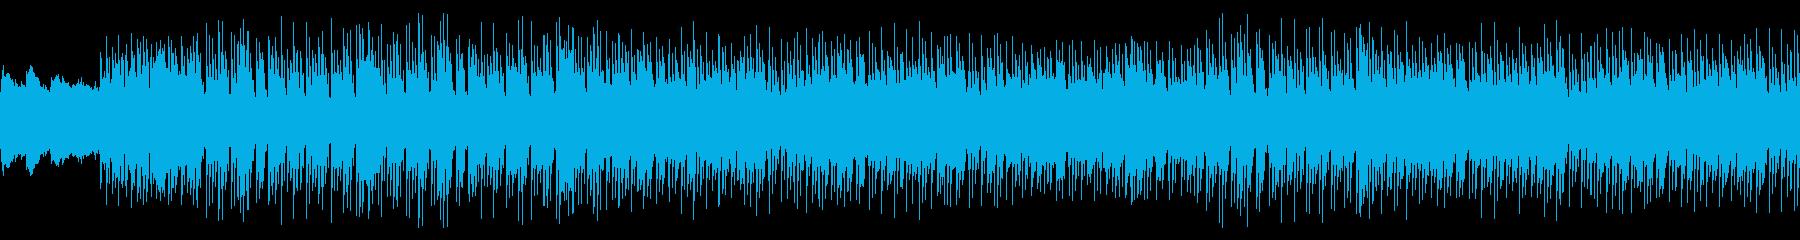 シンセの旋律が軽やかなテクノポップの再生済みの波形